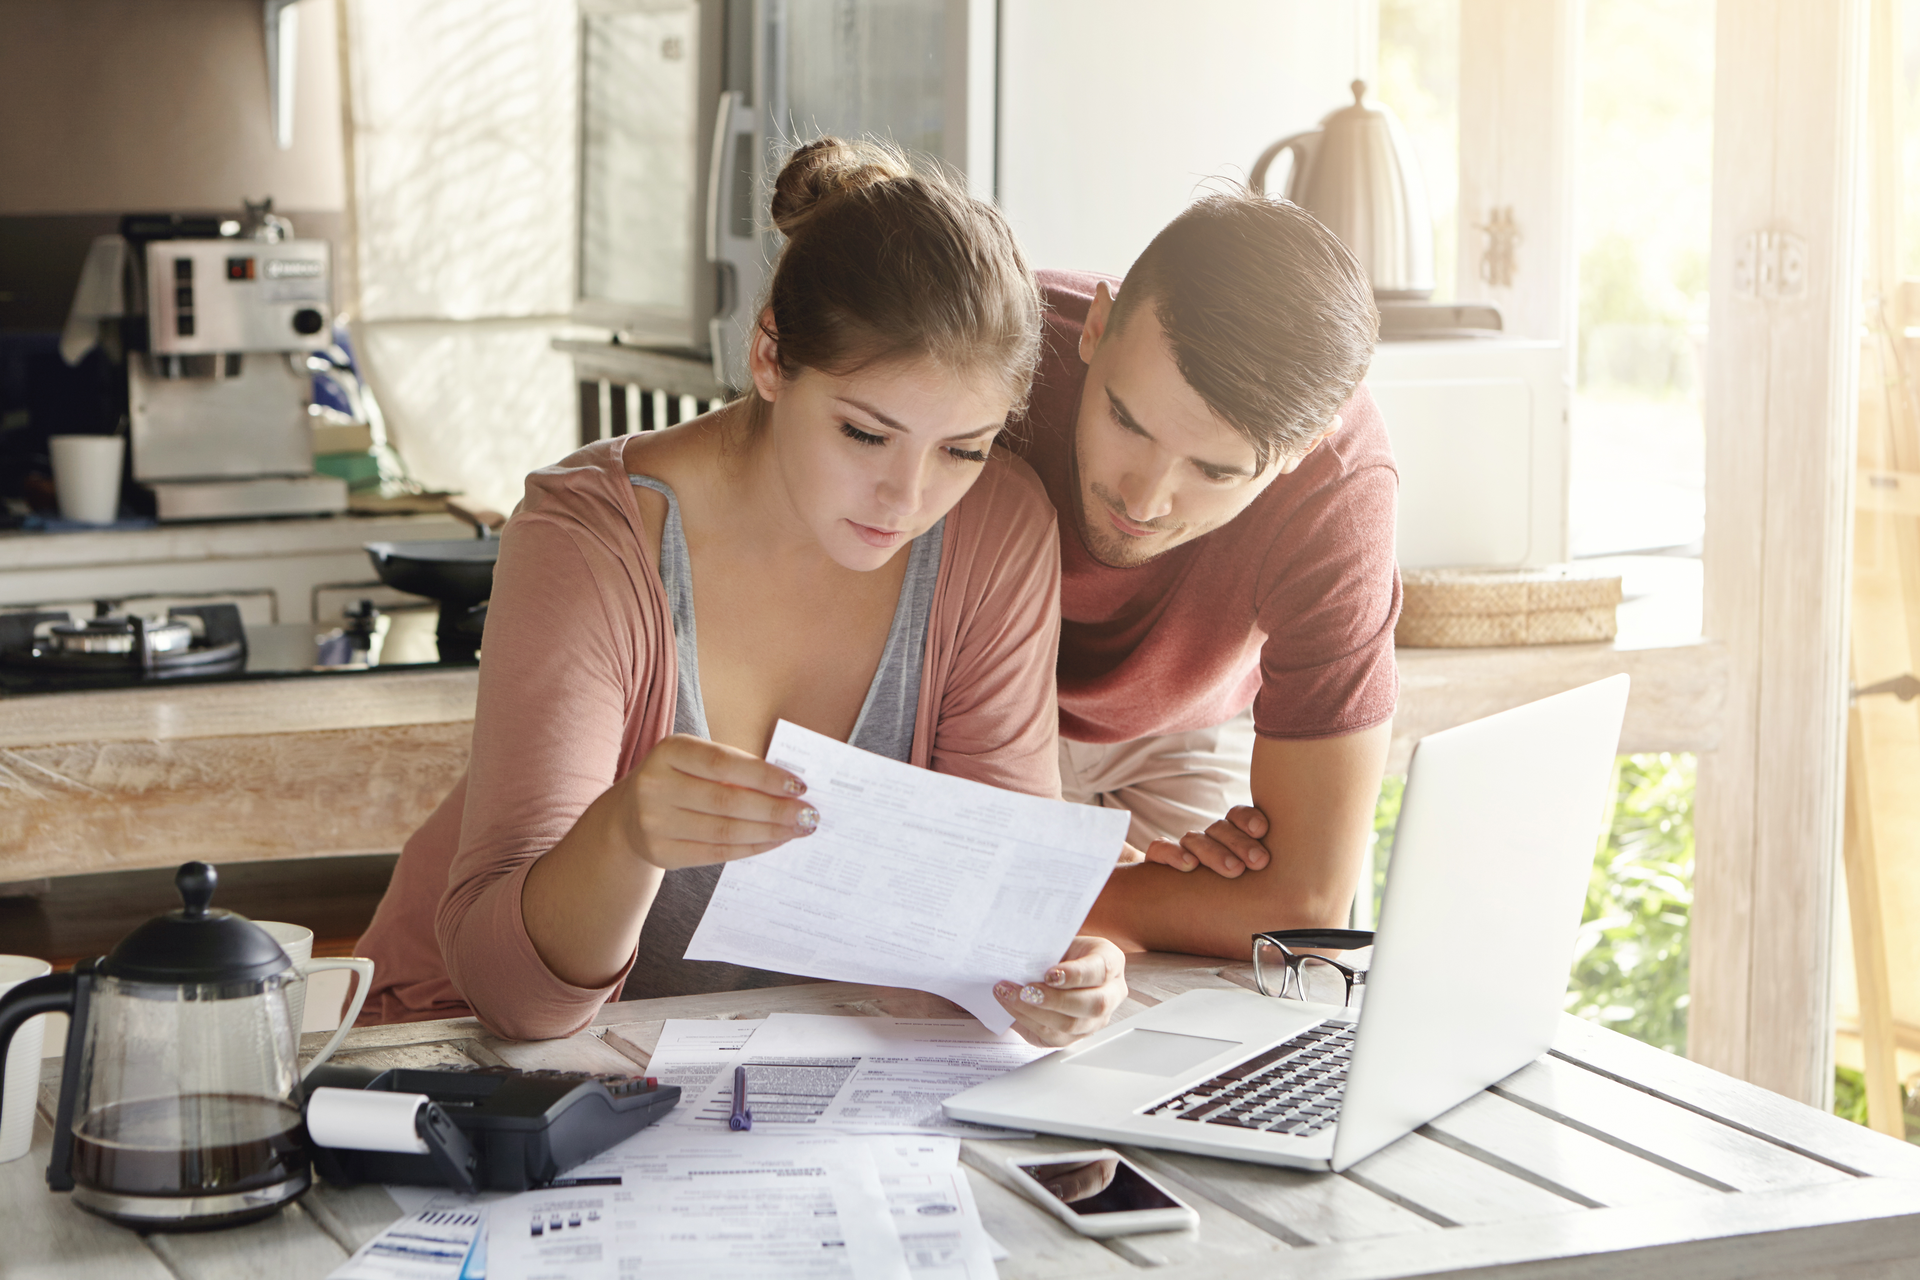 Mehrfamilienhaus Verkaufen - Was benötigt man und auf was muss man achten?